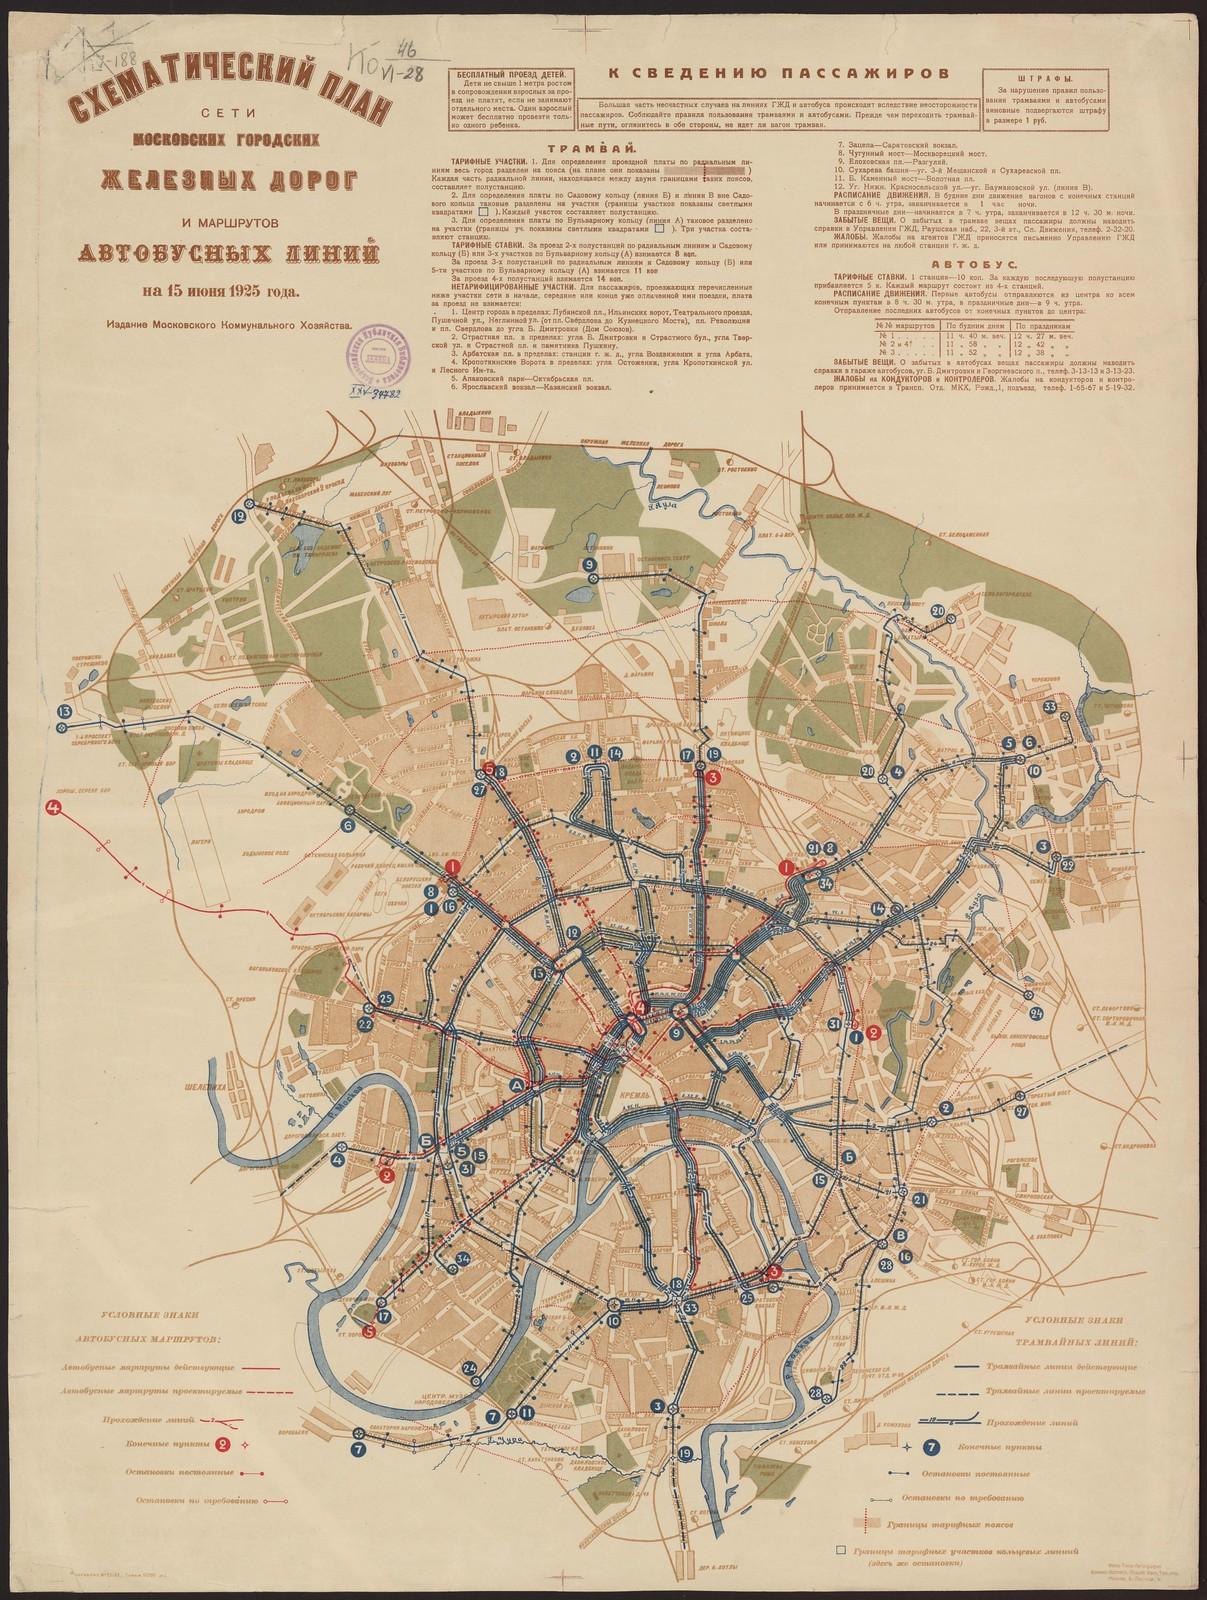 1925. Схематический план сети московских городских железных дорог и маршрутов автобусных линий на 15 июня